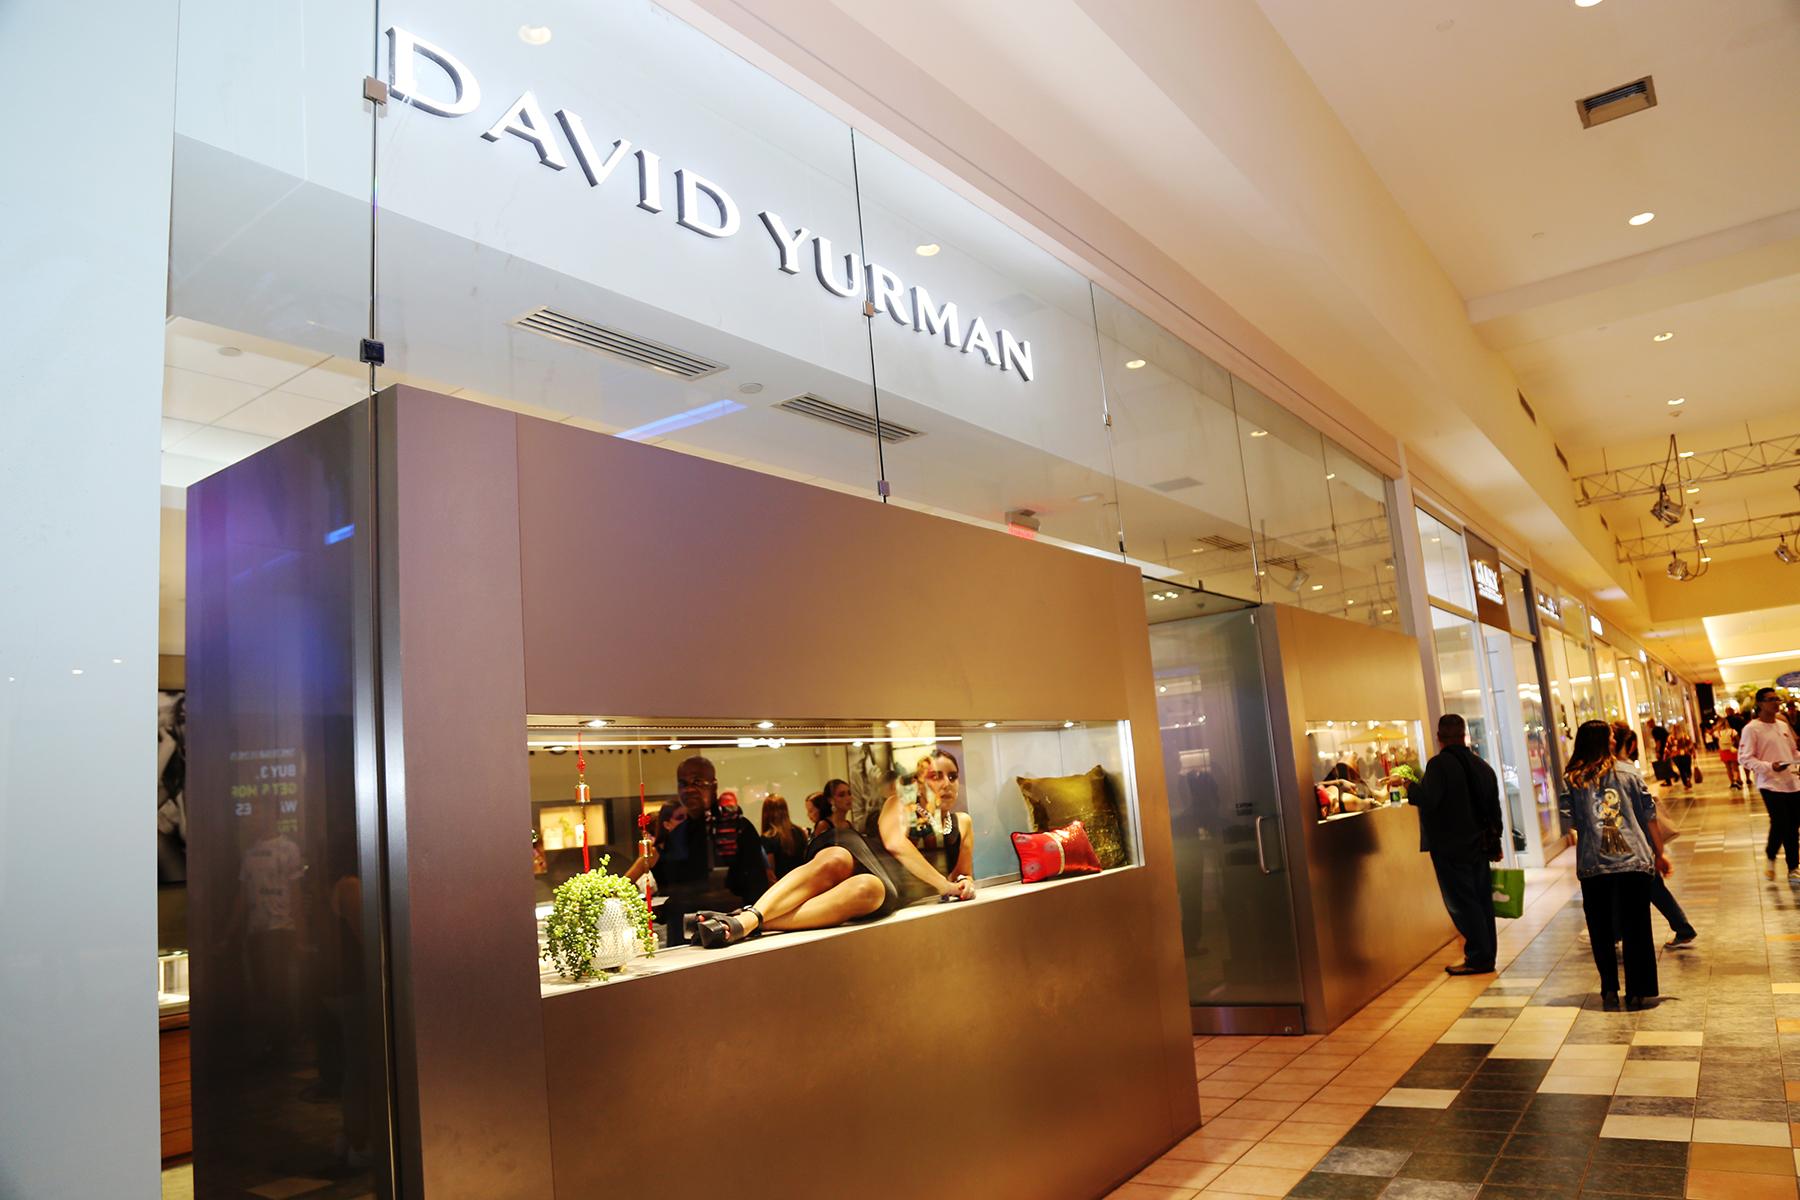 Las modelos parecían figuras de cera dentro de las vitrinas de la boutique David Yurman. (Nichole Saldarriaga)